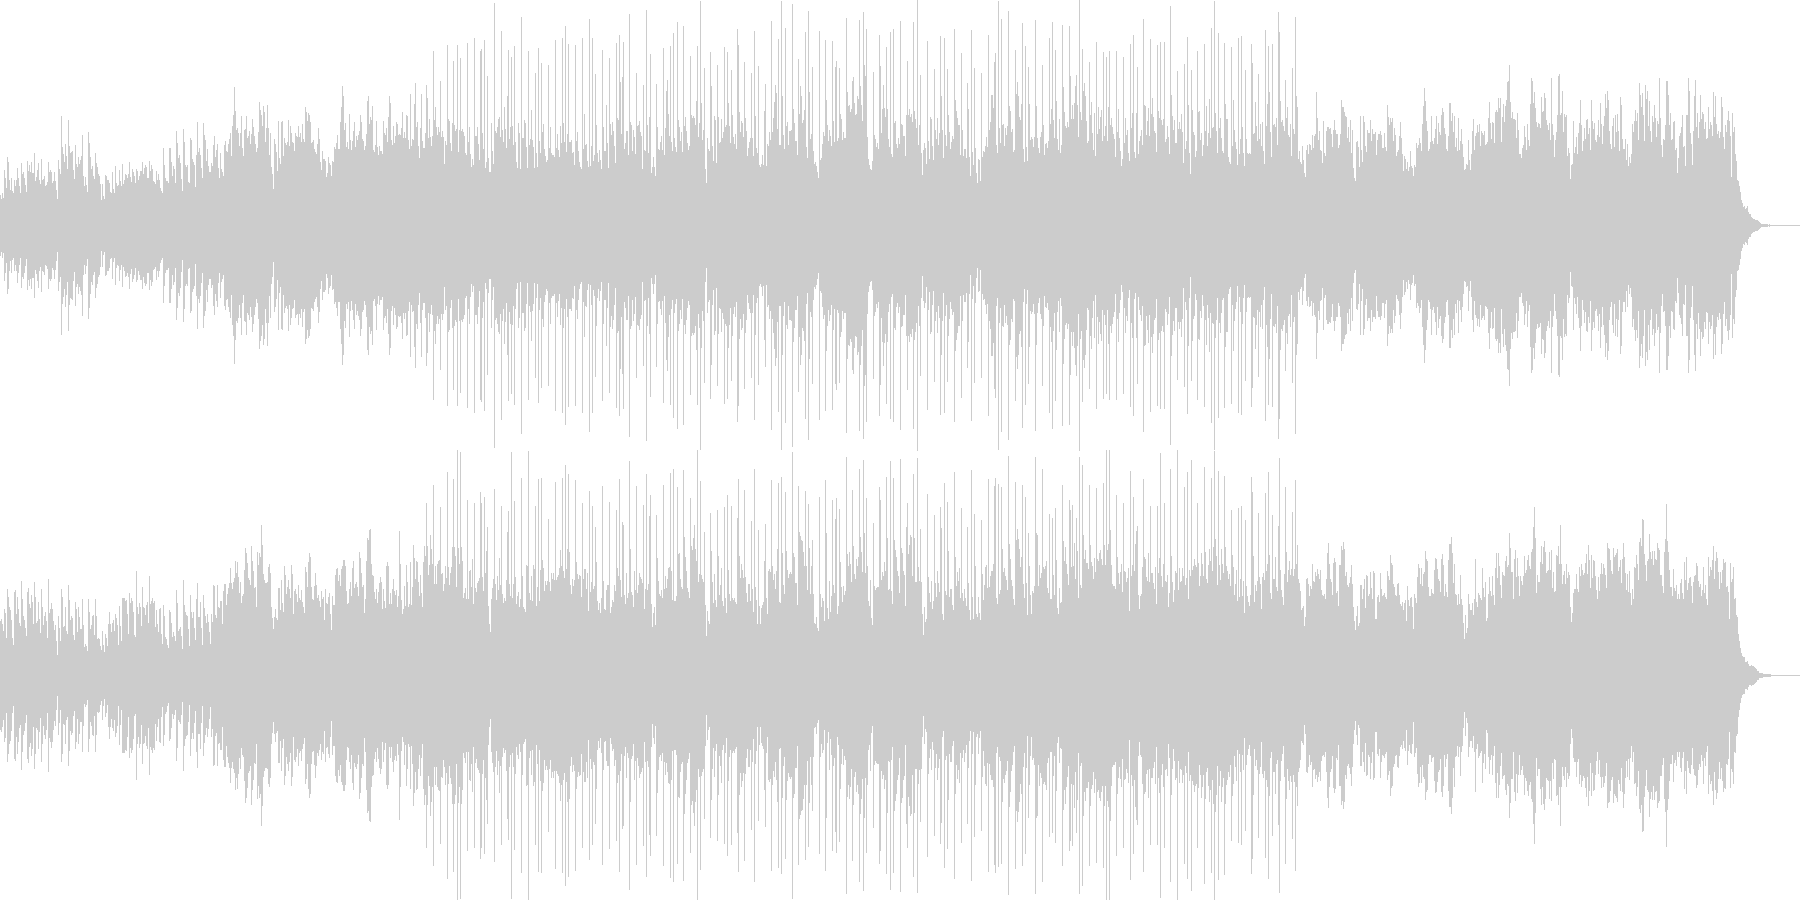 ピアノとフルート中心のバラード風な曲の未再生の波形